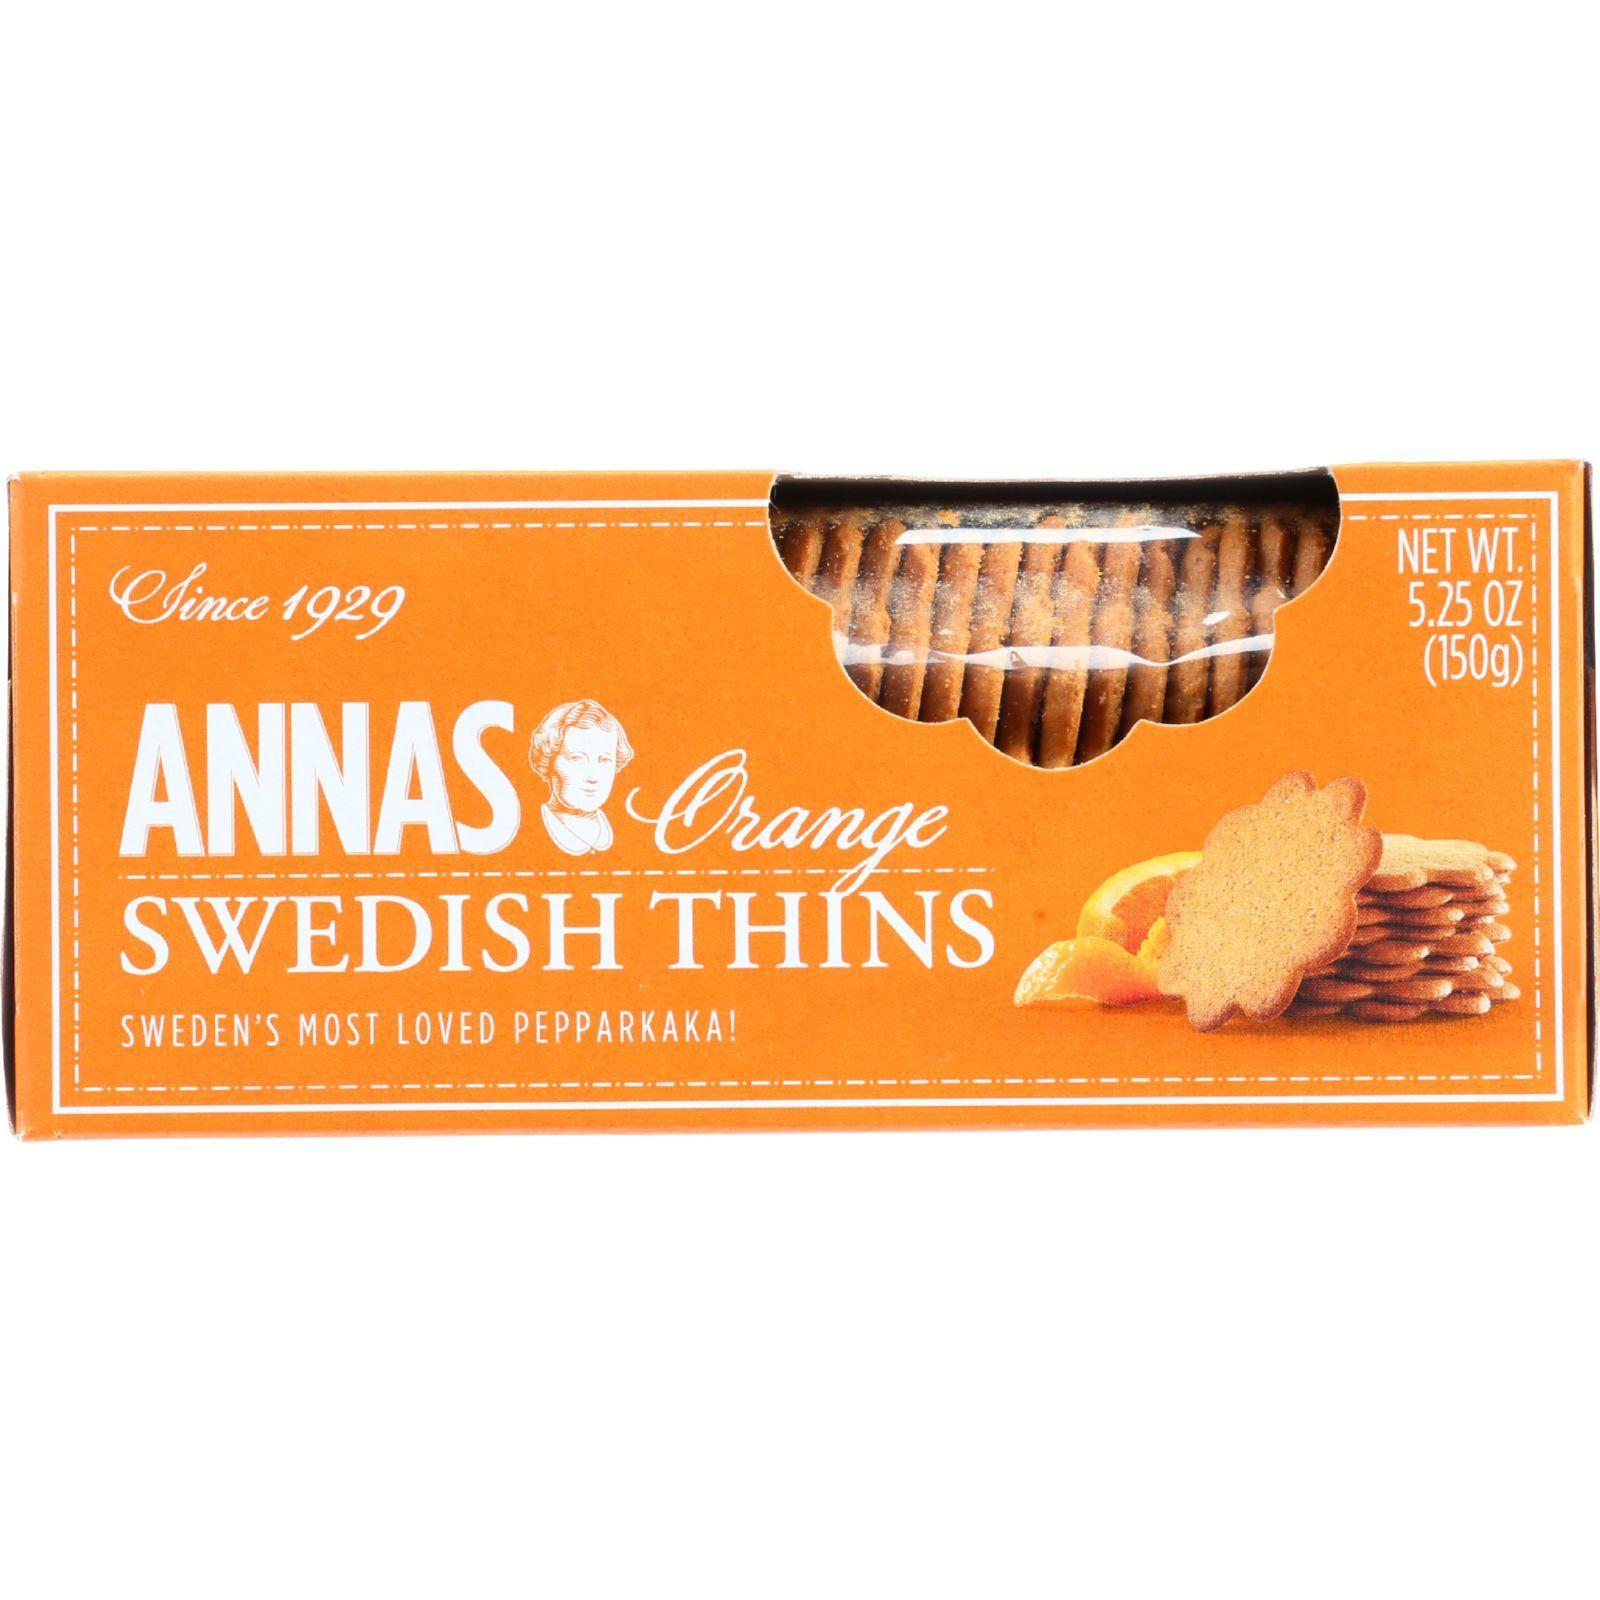 Annas Pepparkakor - Original - Orange Thins - 5.25 oz - 1 each